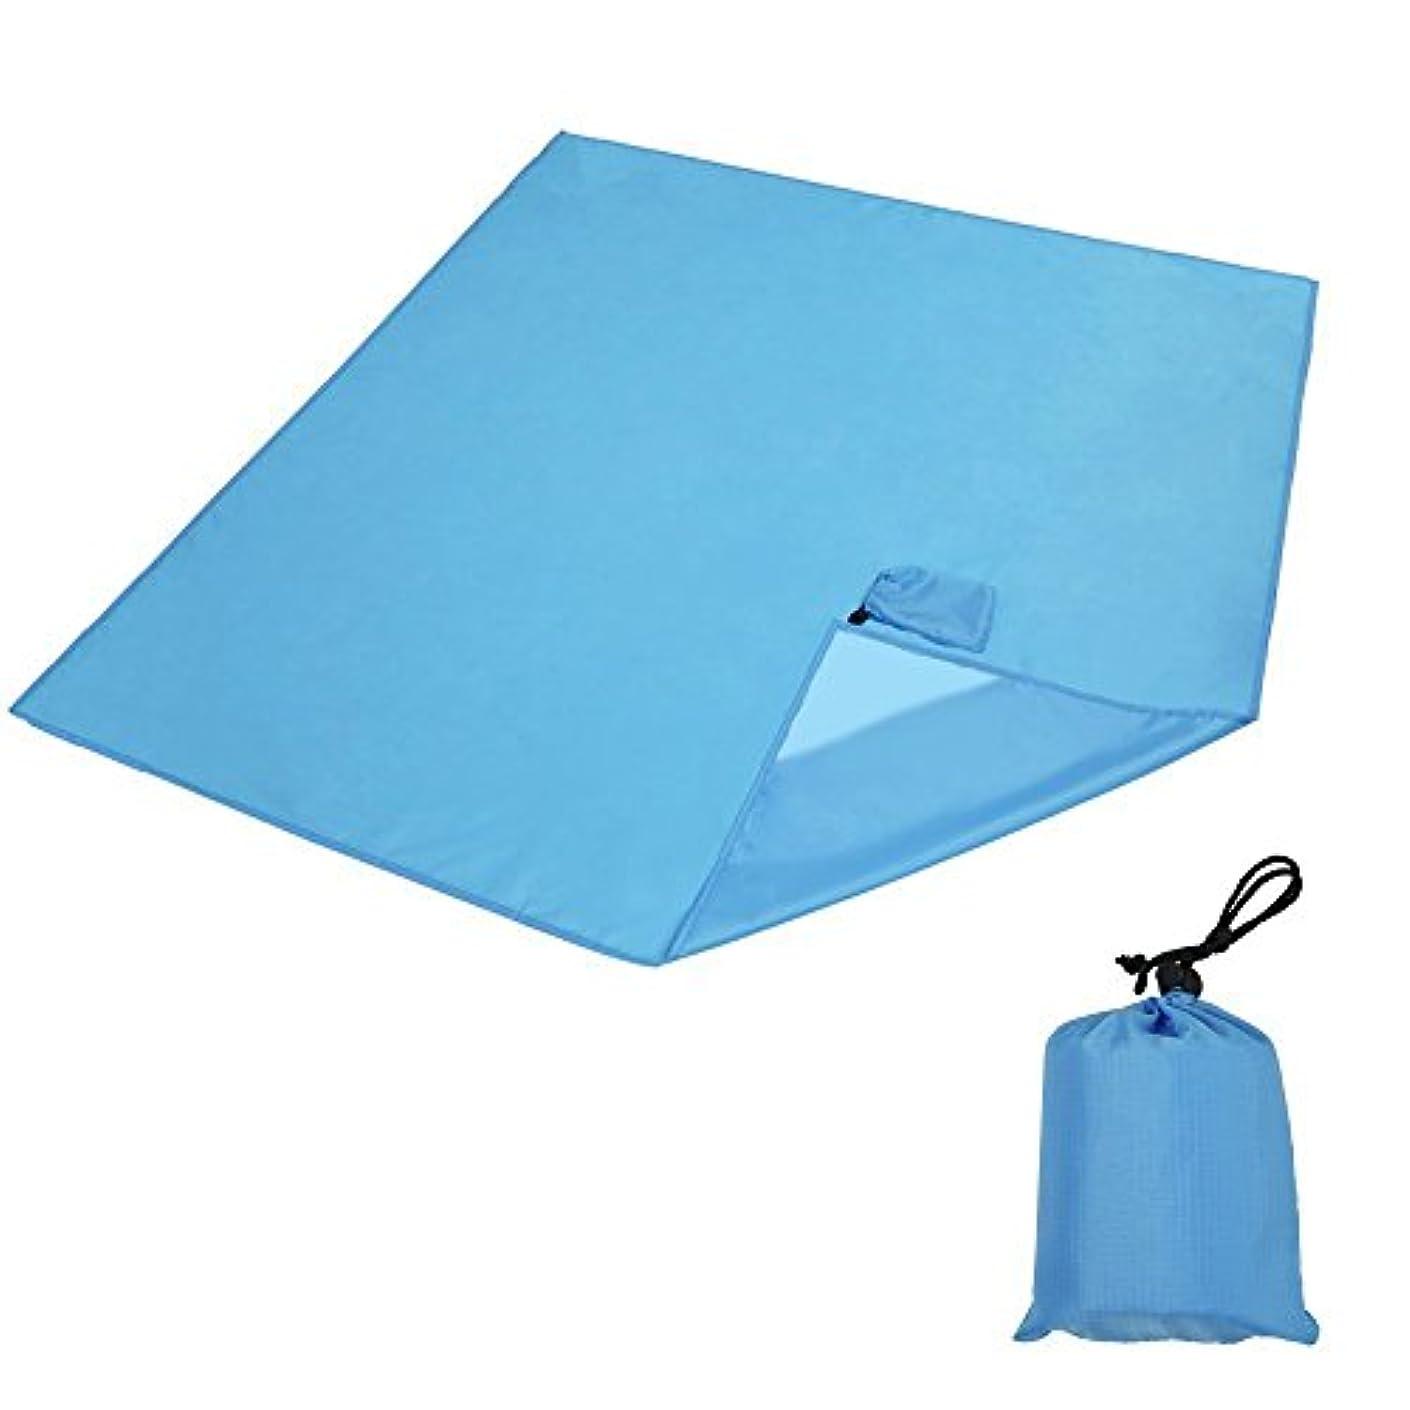 変位どのくらいの頻度で愛Besthomelife ポケット ピクニックマット 折り畳み式 小型 軽量 防水 旅行 アウトドア 携帯便利